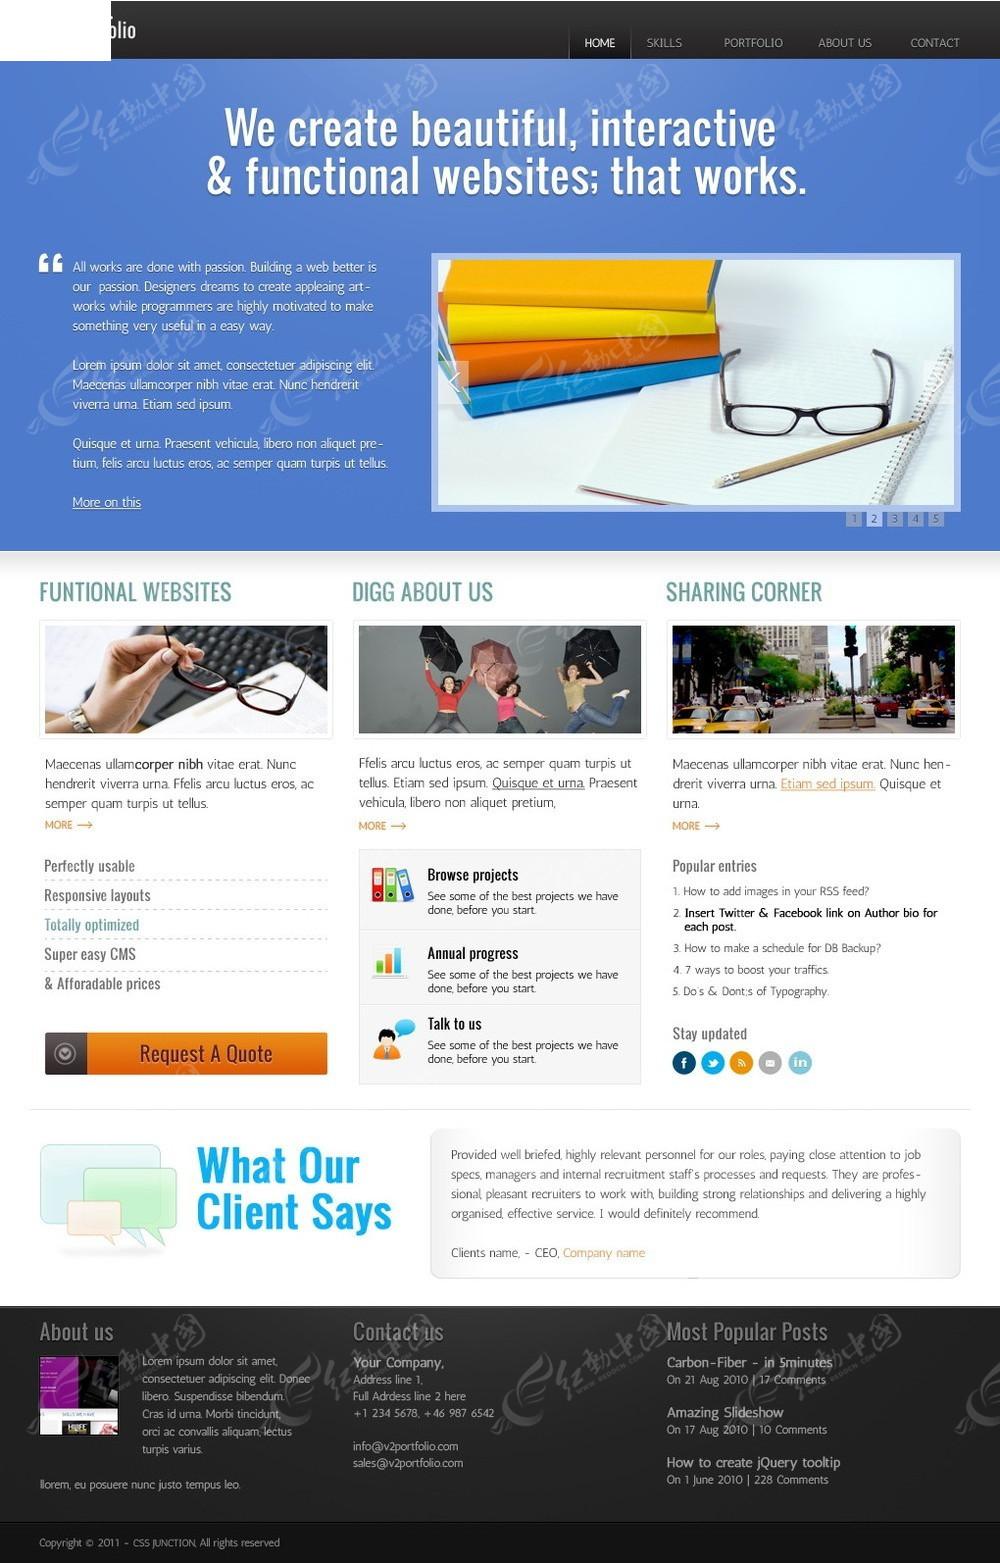 蓝色风格手机英文网页模板_APP界面